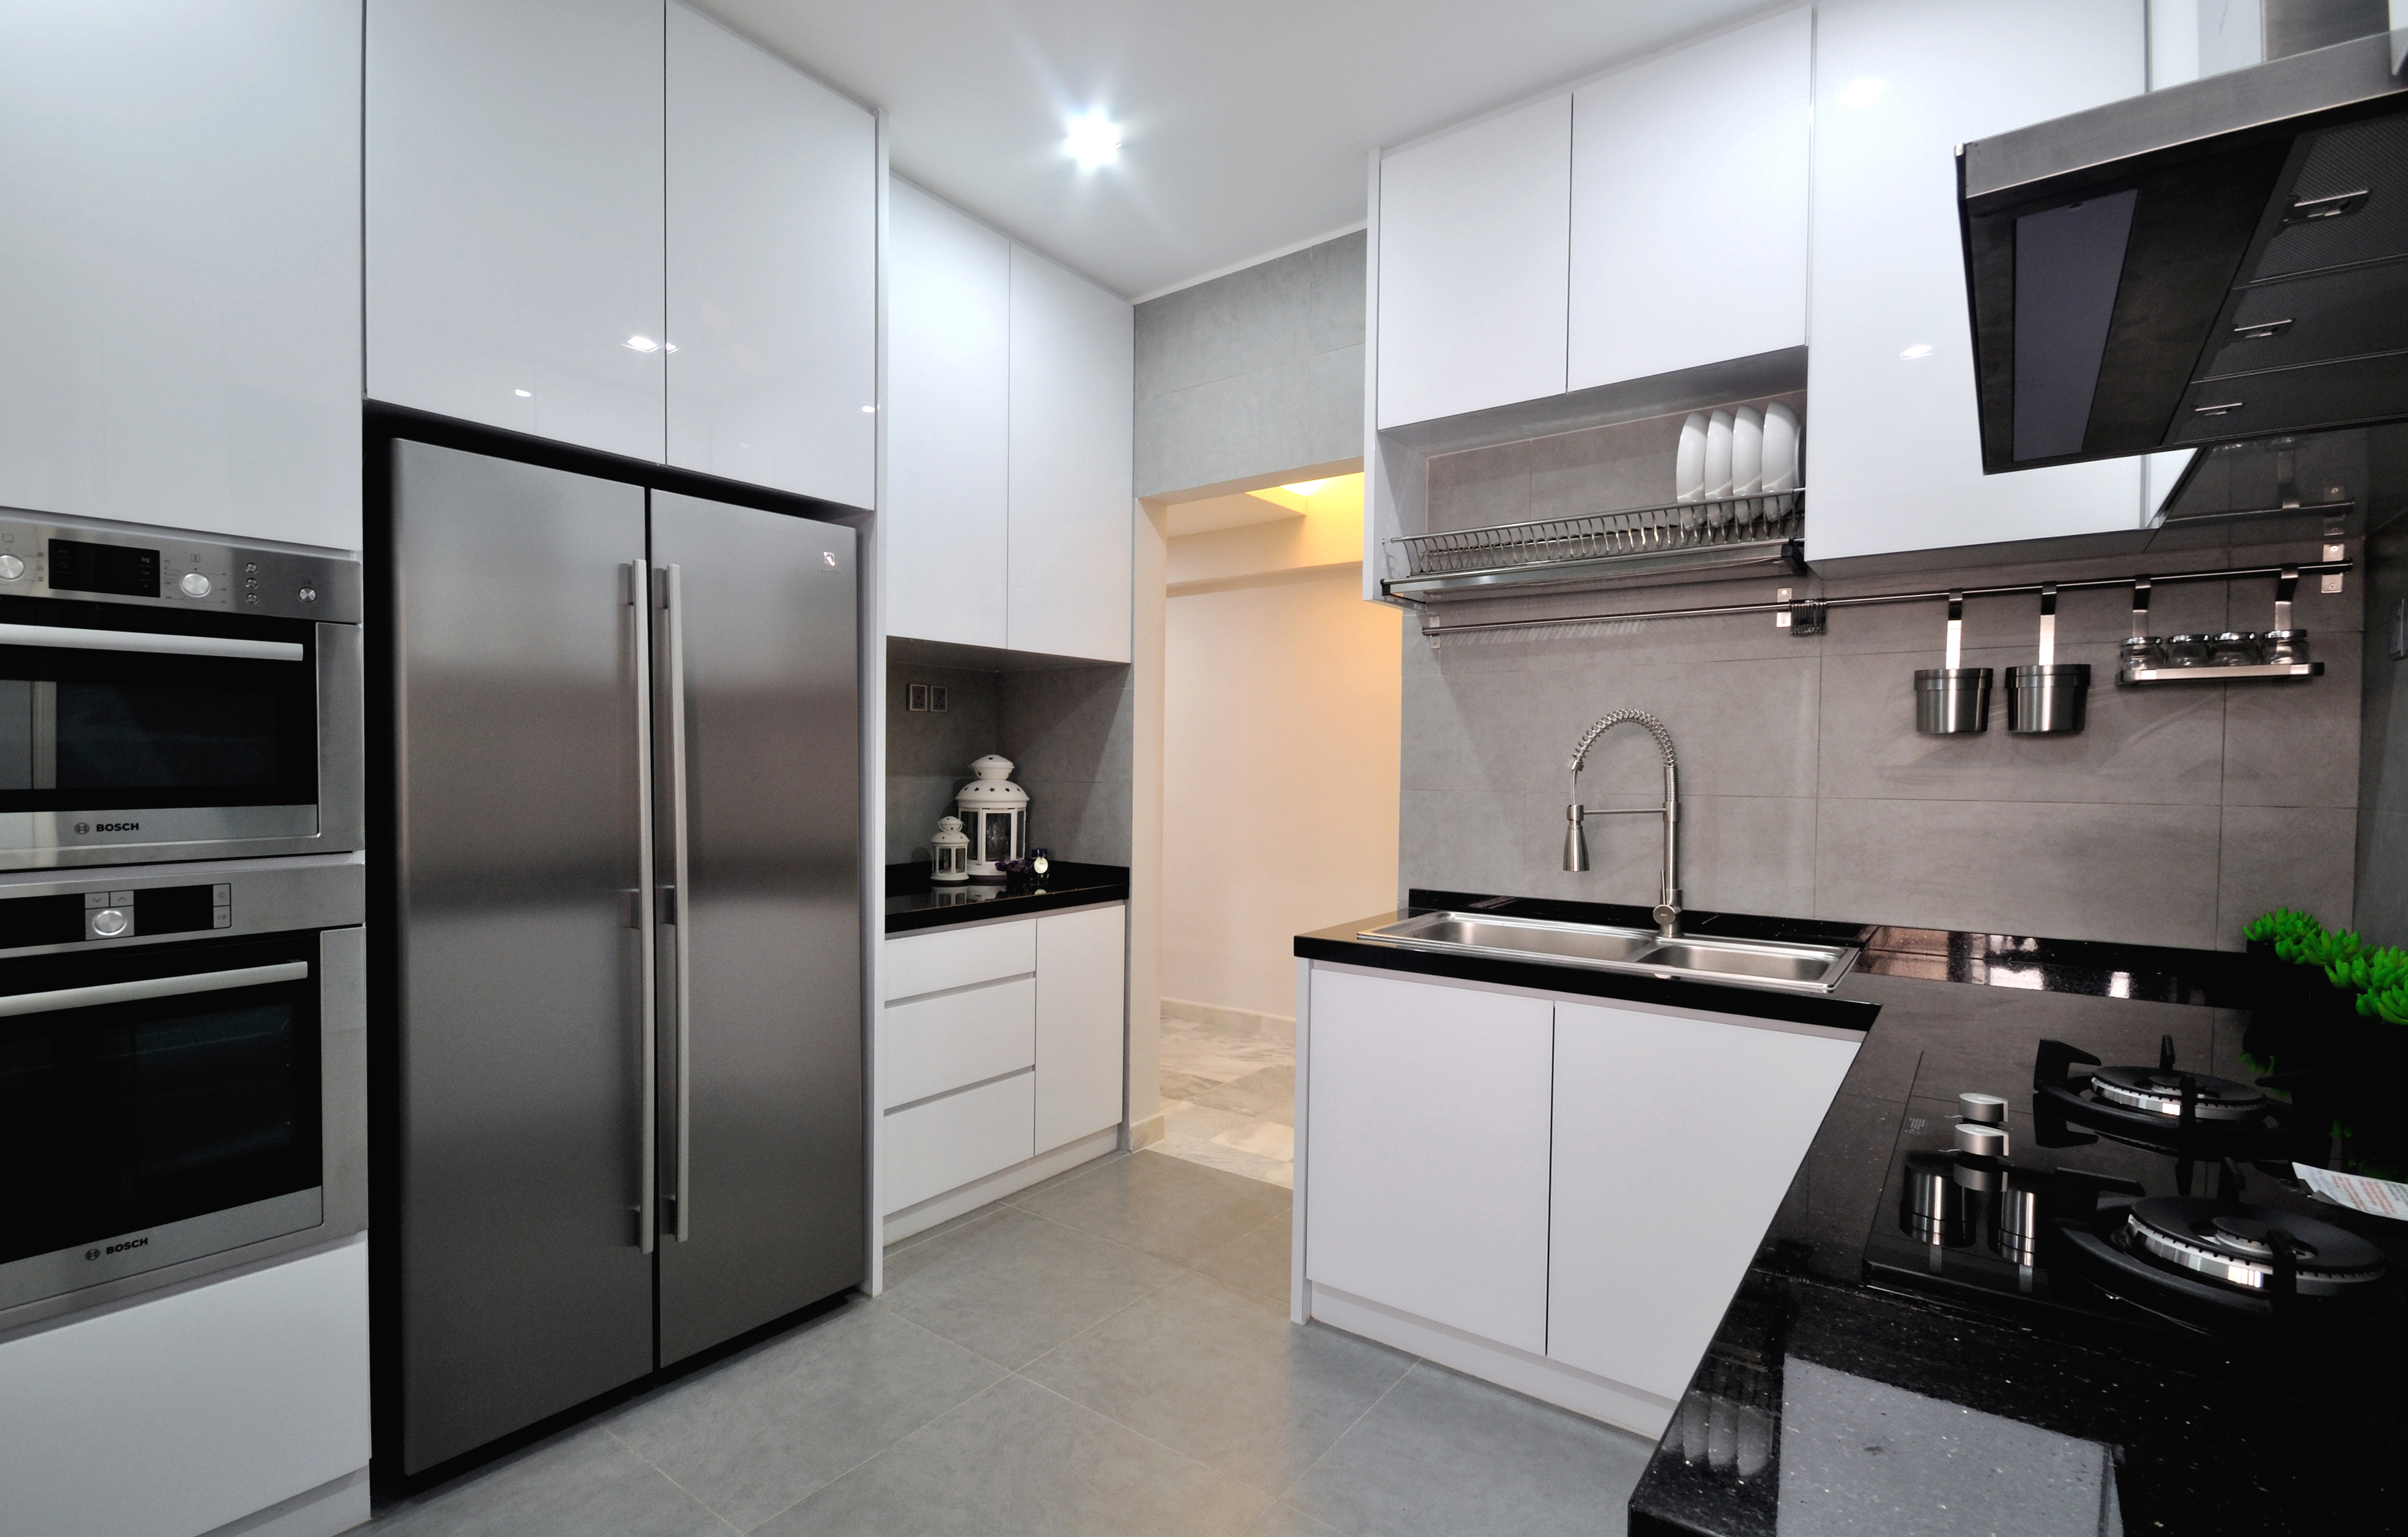 View In Gallery Kabinet Dapur Moden Dengan Tema Hitam Dan Putih